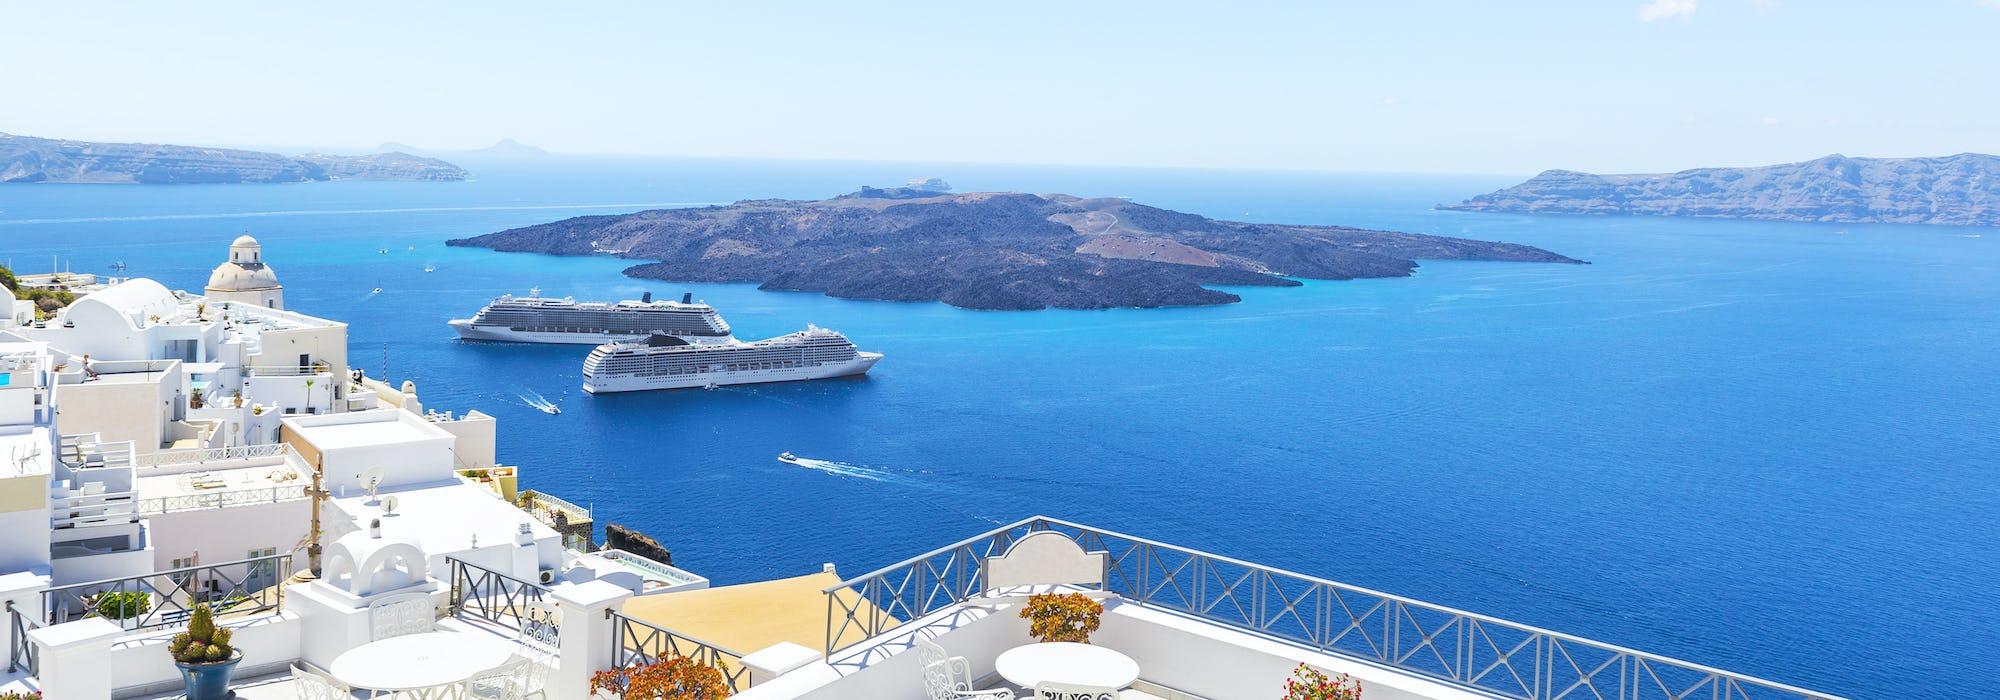 Her finner du Middelhavets fineste cruise - opplev flere spennende destinasjoner på en og samme reise. Middelhavet er blant Tickets mest bestilte ruter og det er ikke vanskelig å forstå hvorfor.